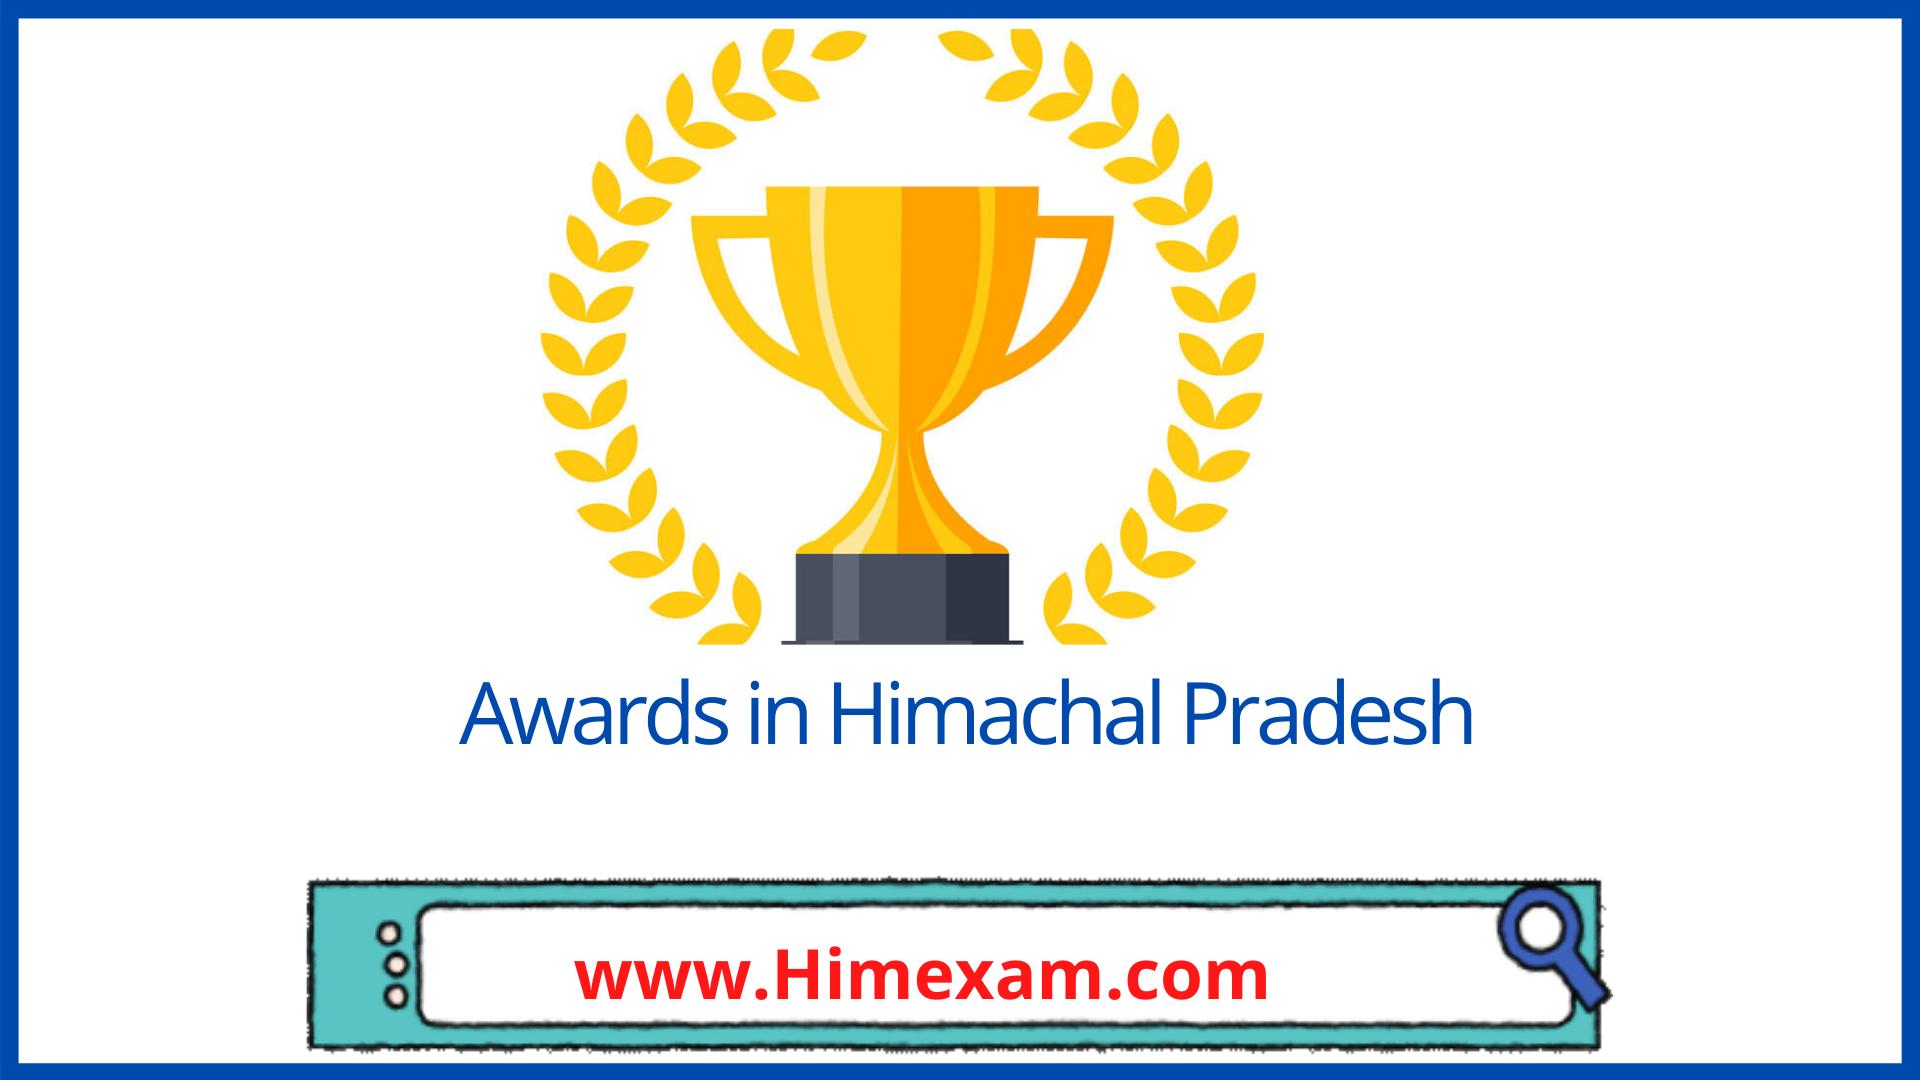 Awards in Himachal Pradesh